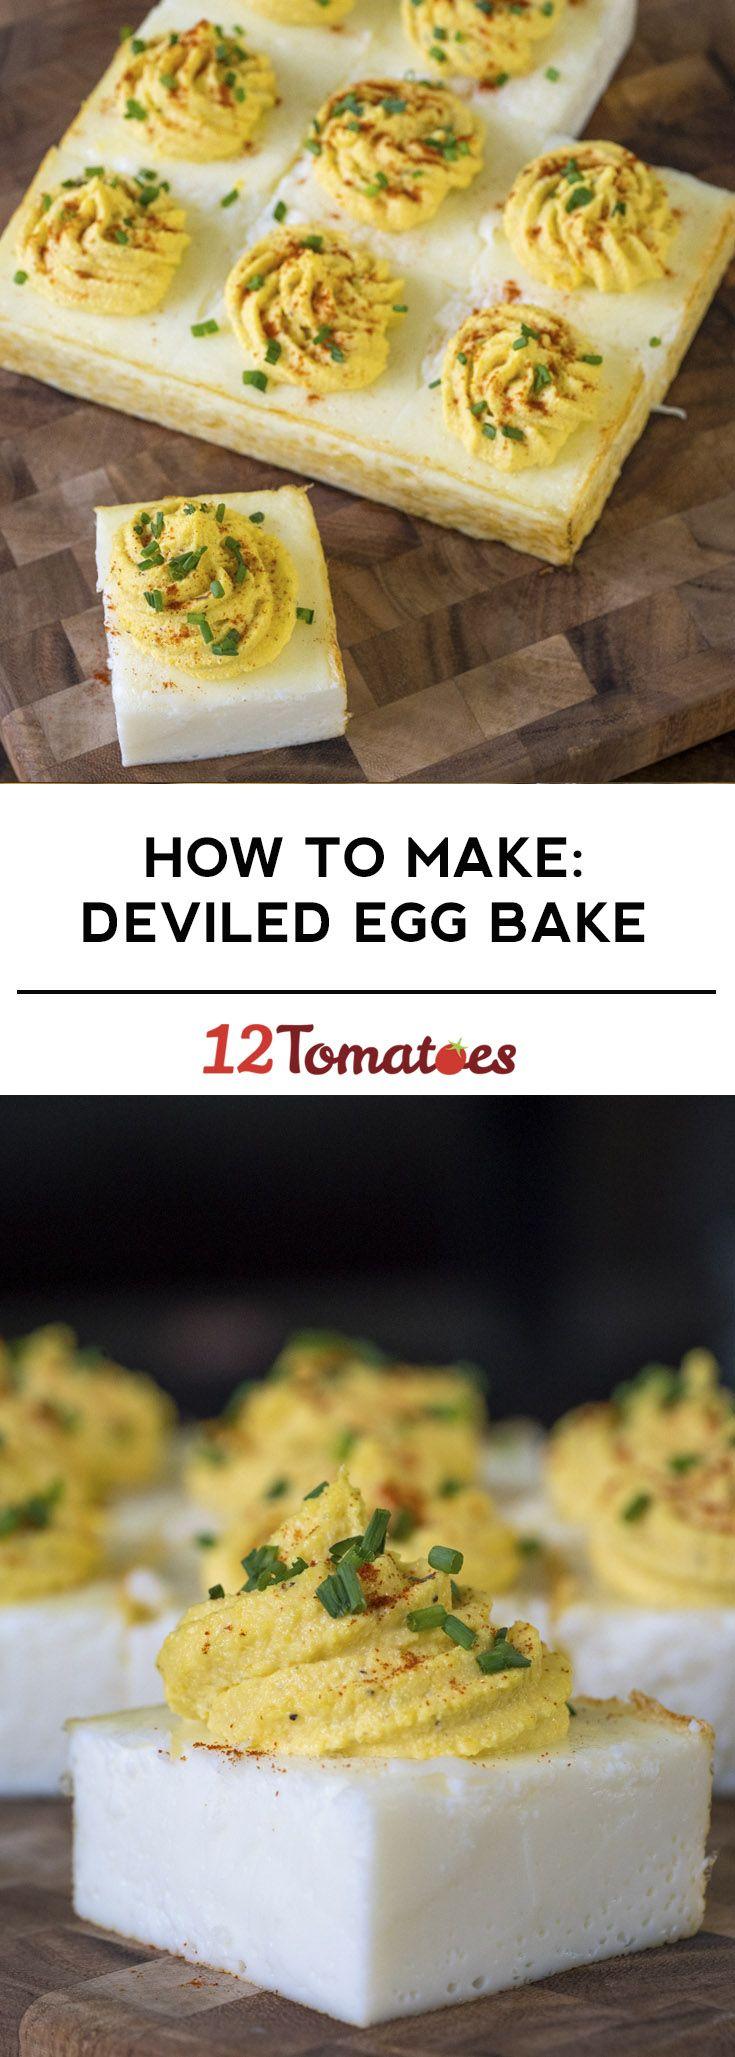 Deviled Egg Bake